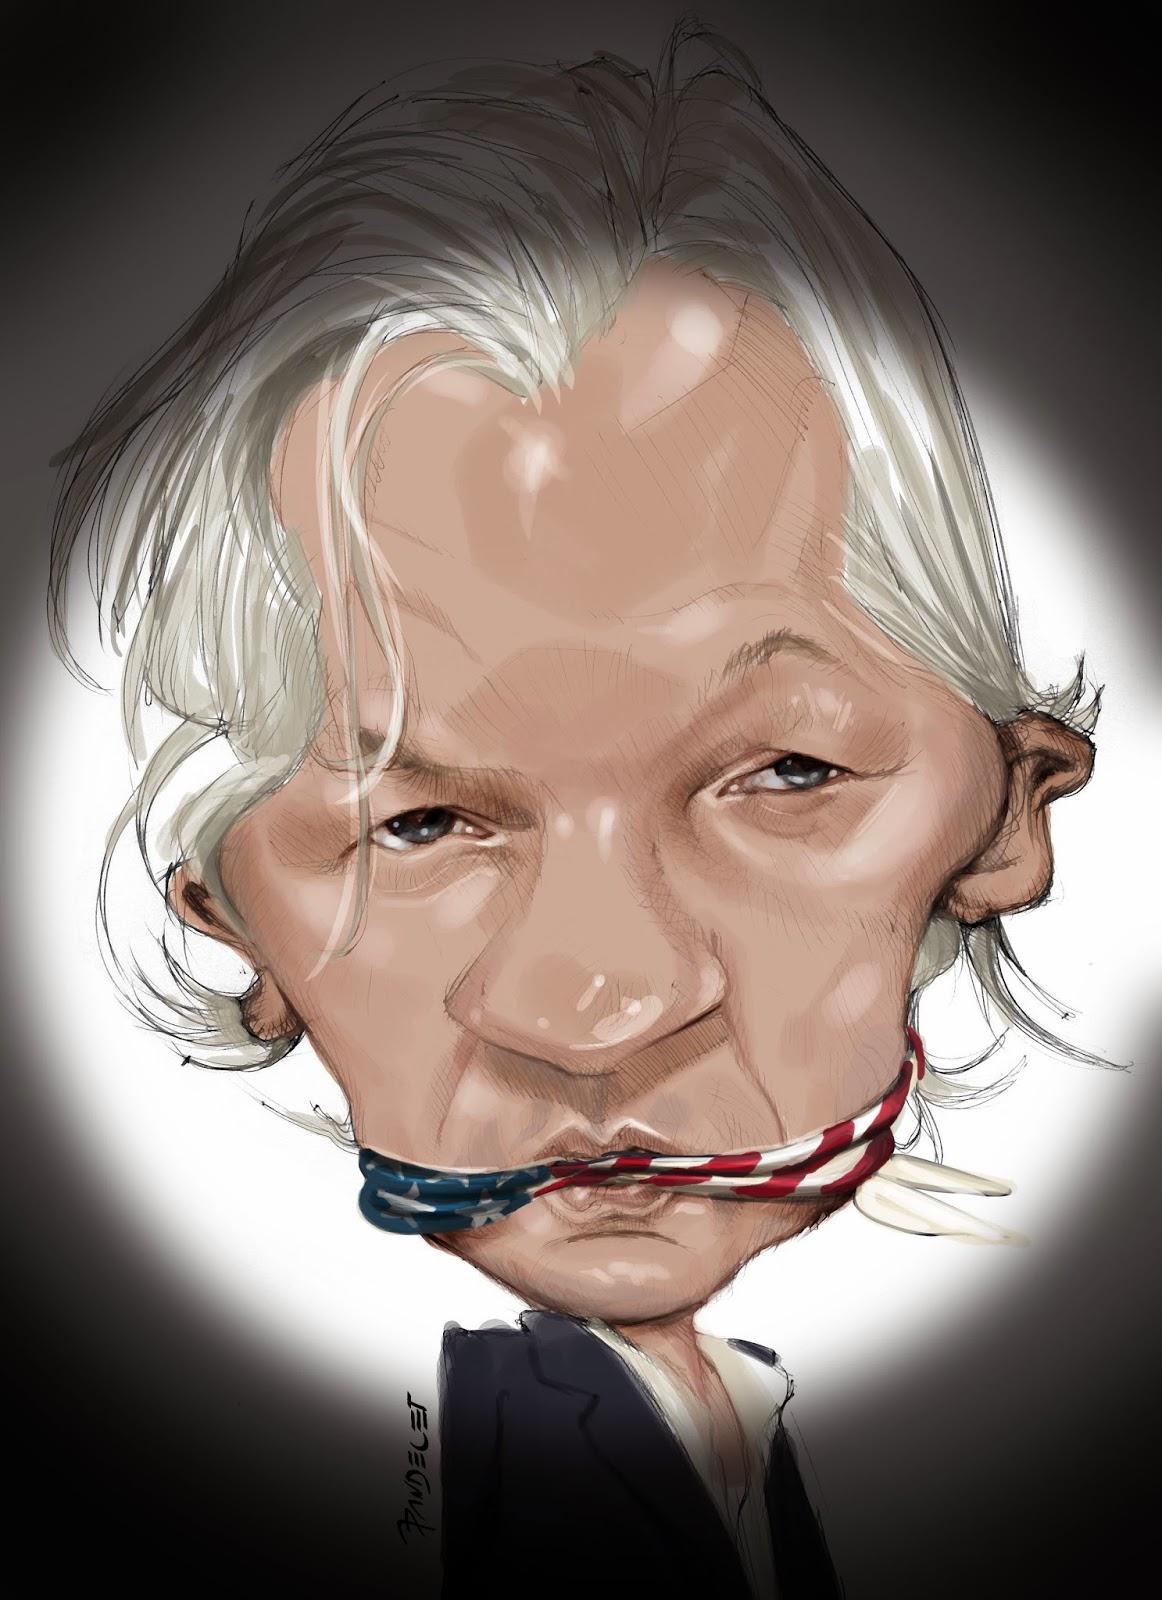 Julian Assange por Jaime Pandelet